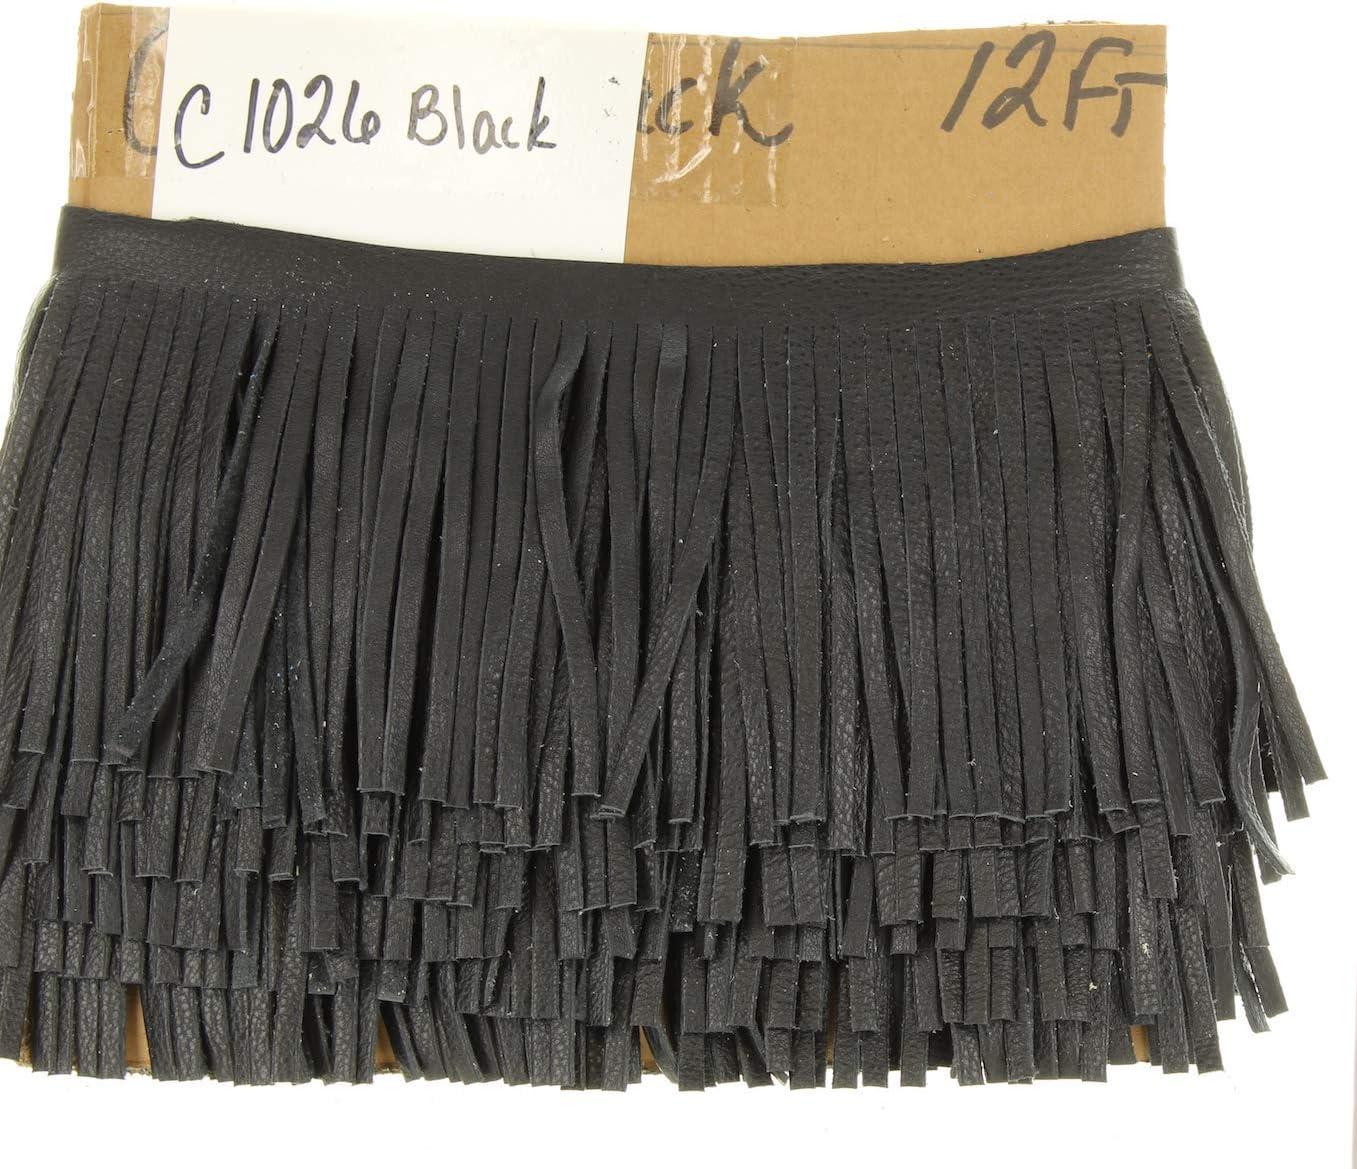 HHH Designs Franja de cuero negro para bolsos, chaquetas u otros accesorios